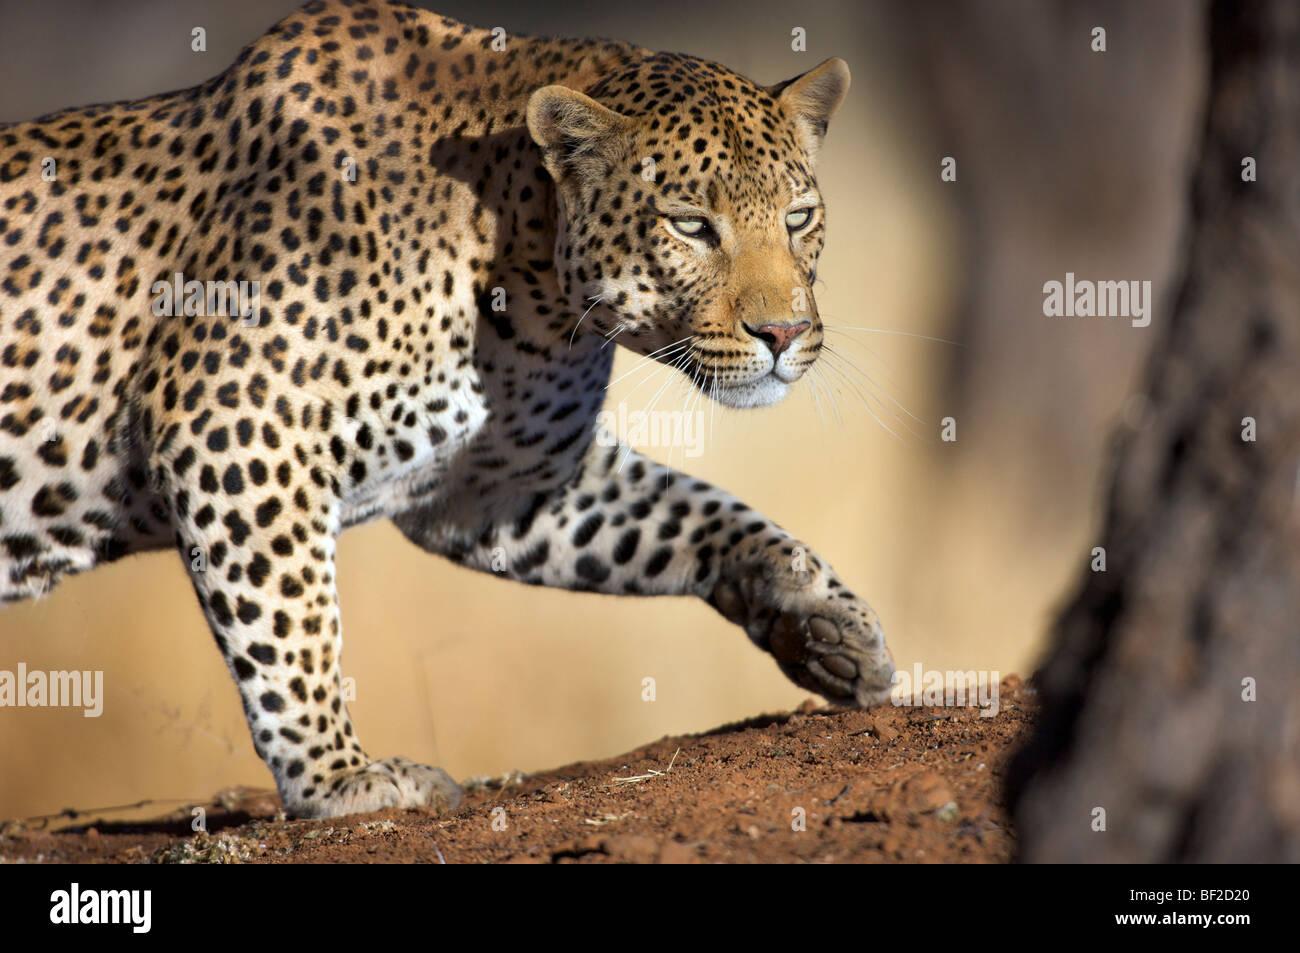 Cerrar o un leopardo (Panthera pardus) acecho,El Okonjima Lodge y la Fundación Africat, Namibia Imagen De Stock